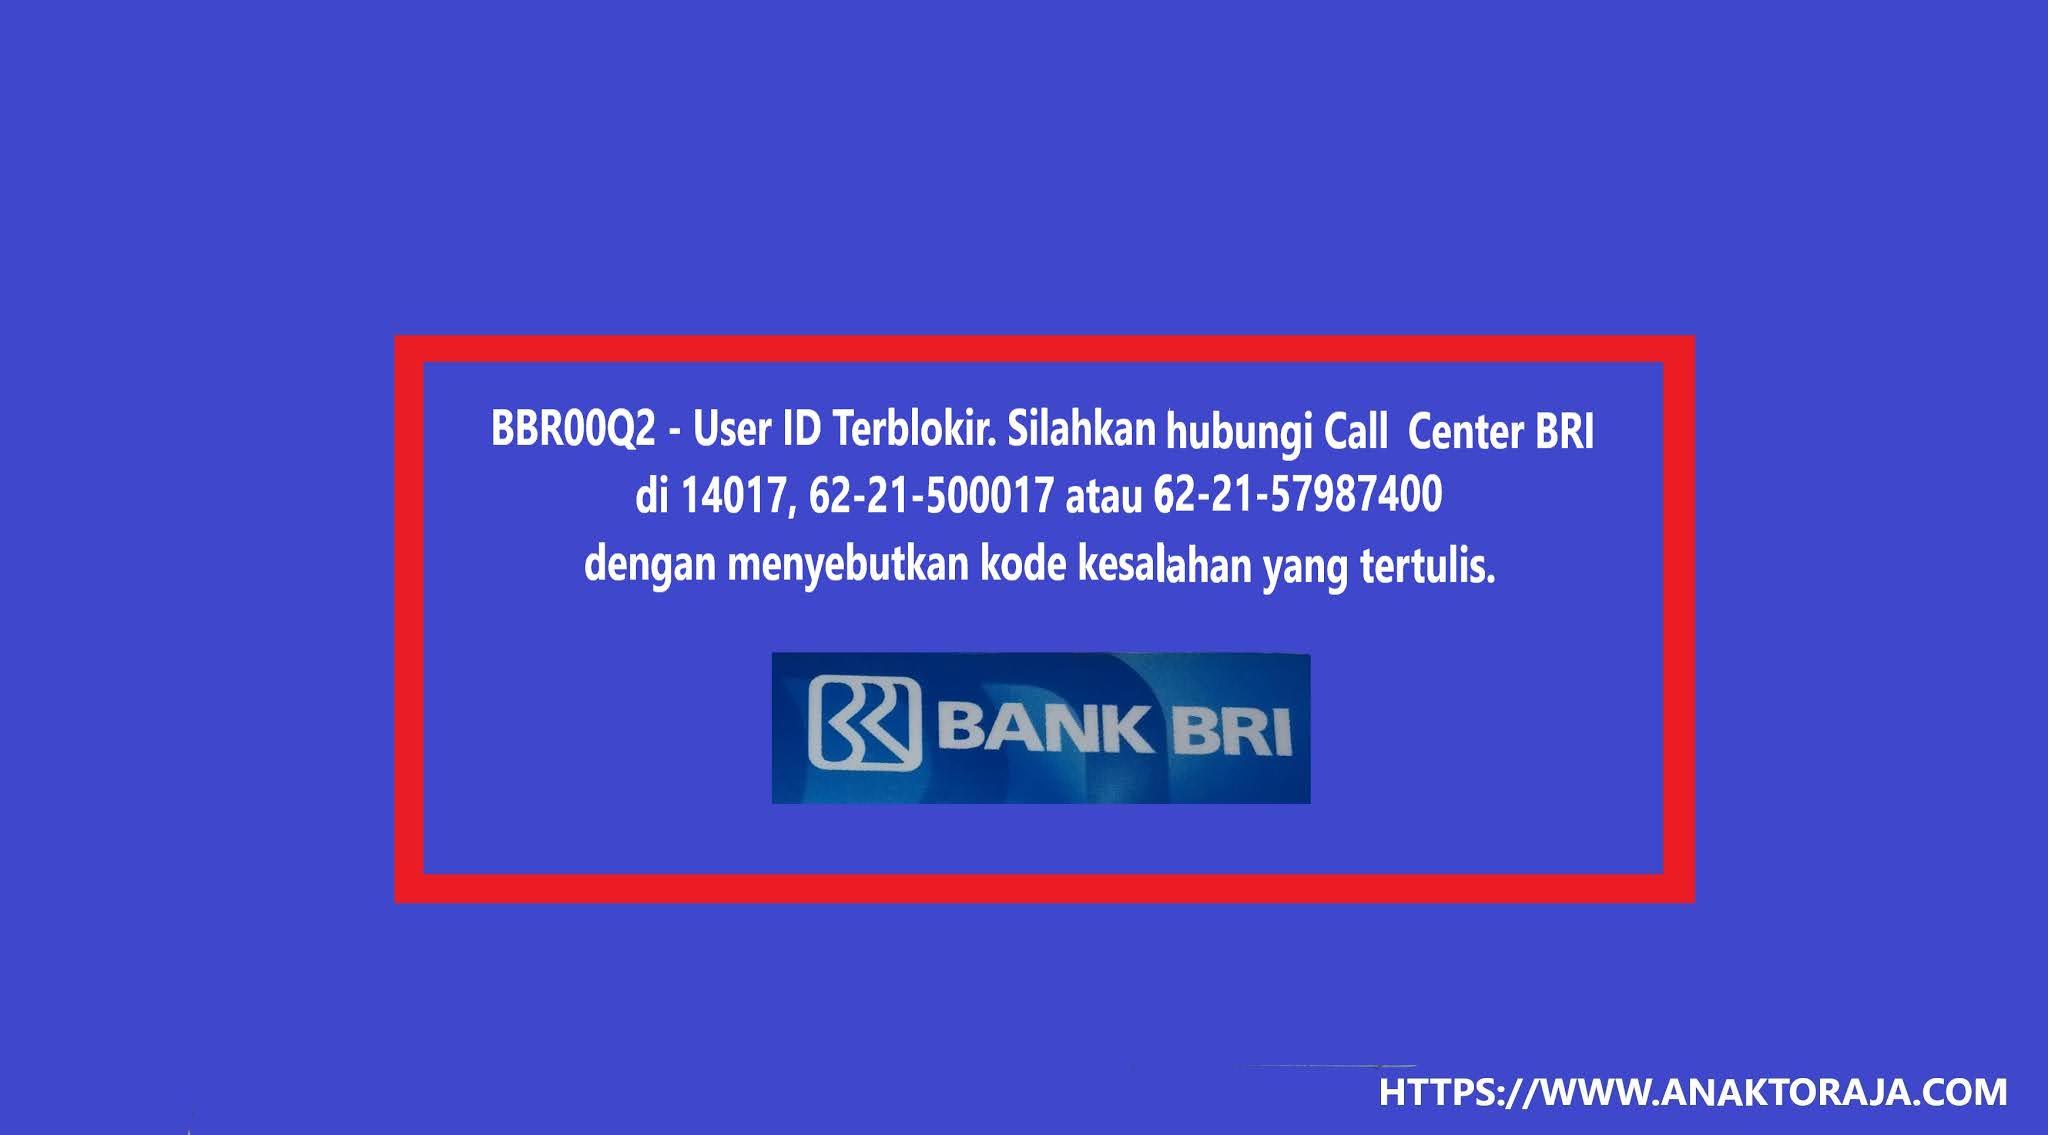 Cara Mengatasi Kode Kesalahan BBR00Q2,  ib.bri.co.id User ID Terblokir?